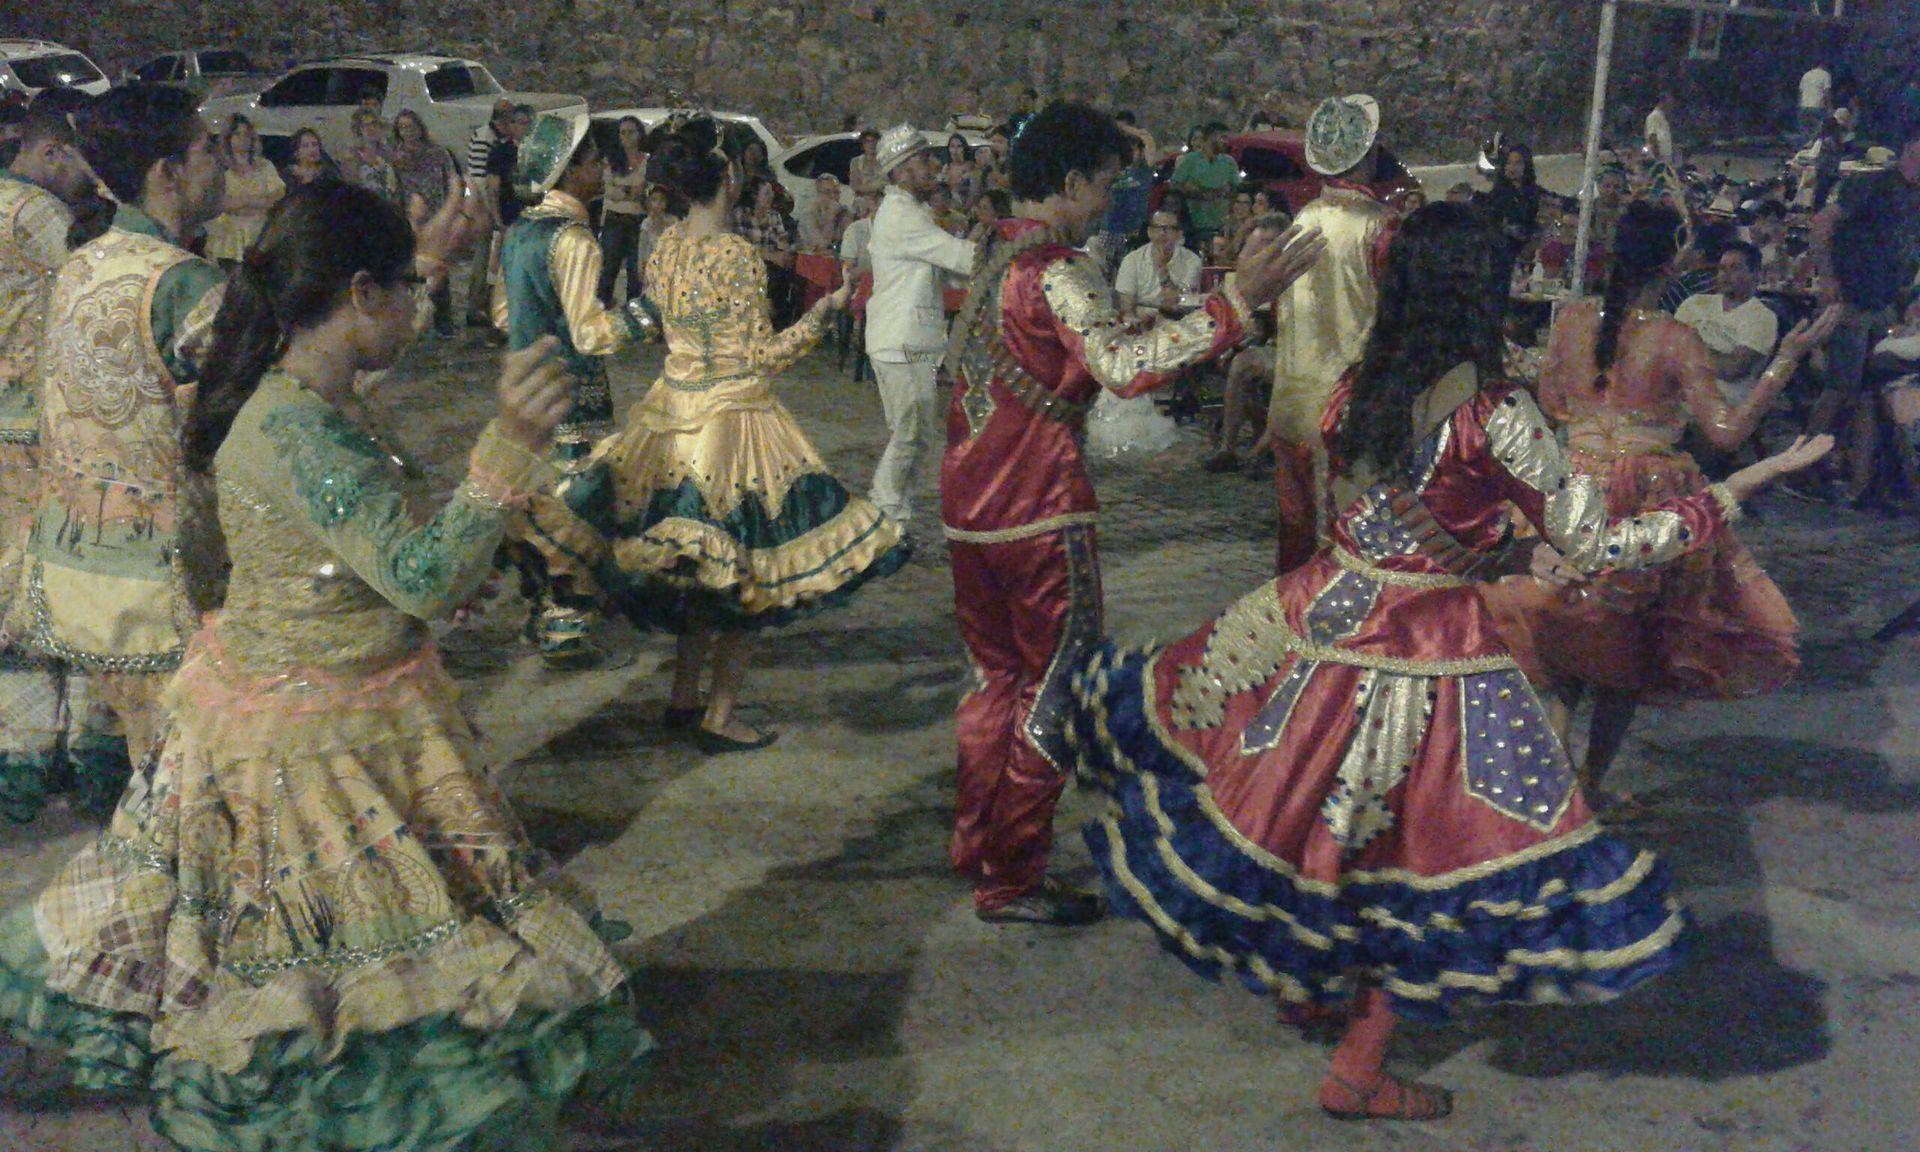 La frutilla del postre de la llevan las famosas y coloridas cuadrilhas en honor a la fiesta de Saõ Joaõ - San Juan -